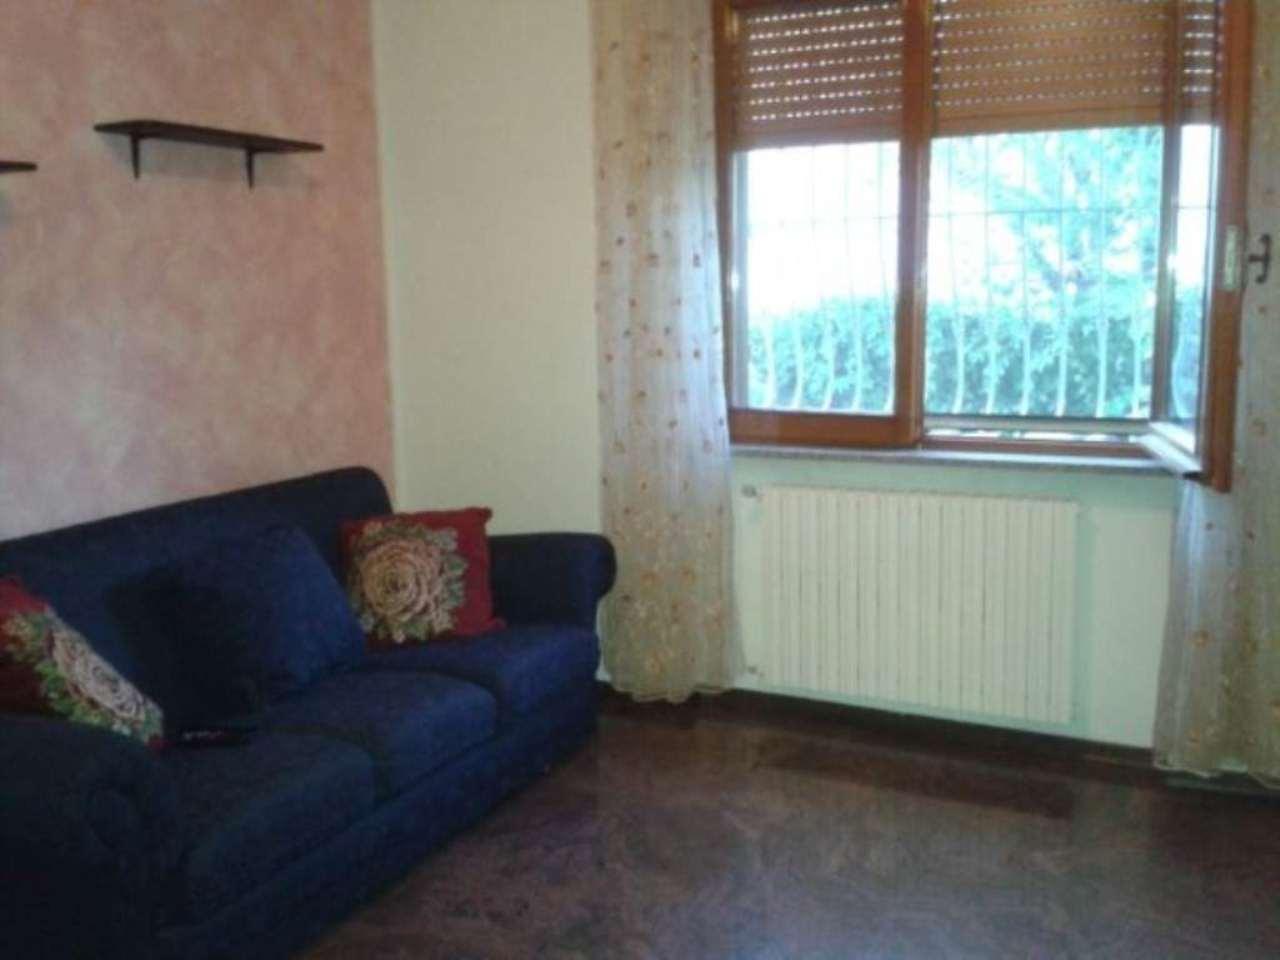 Appartamento in vendita a Ossago Lodigiano, 3 locali, prezzo € 123.000 | Cambio Casa.it